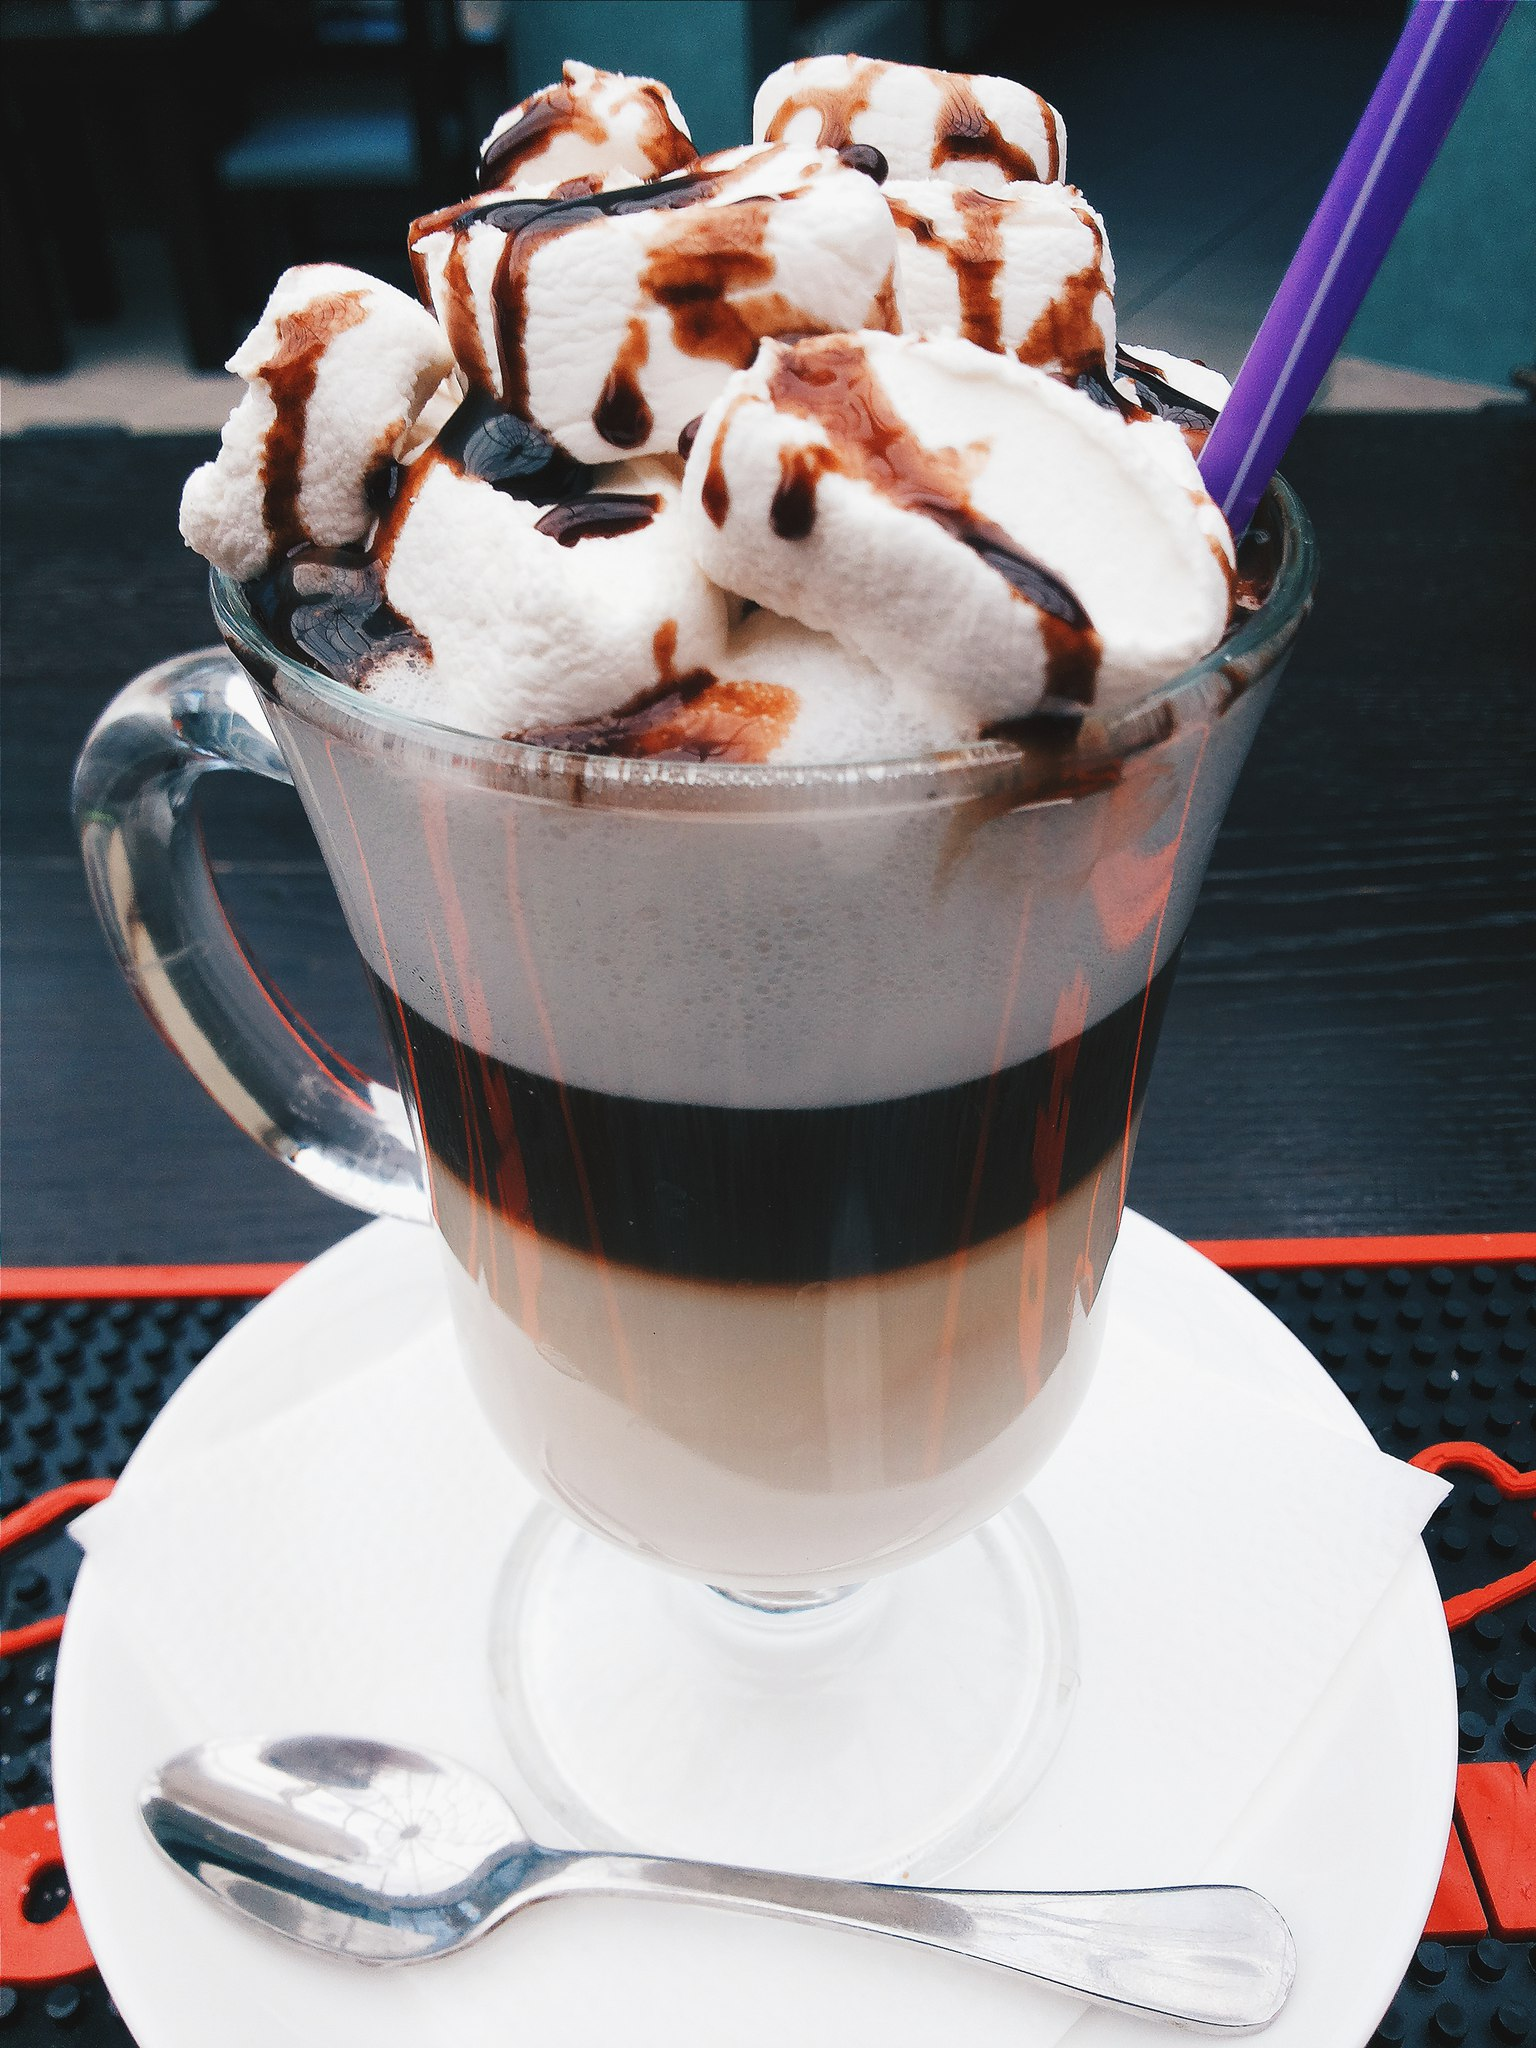 Кофе по венски: как пить и приготовить венский кофе в зернах, рецепт с фото и видео